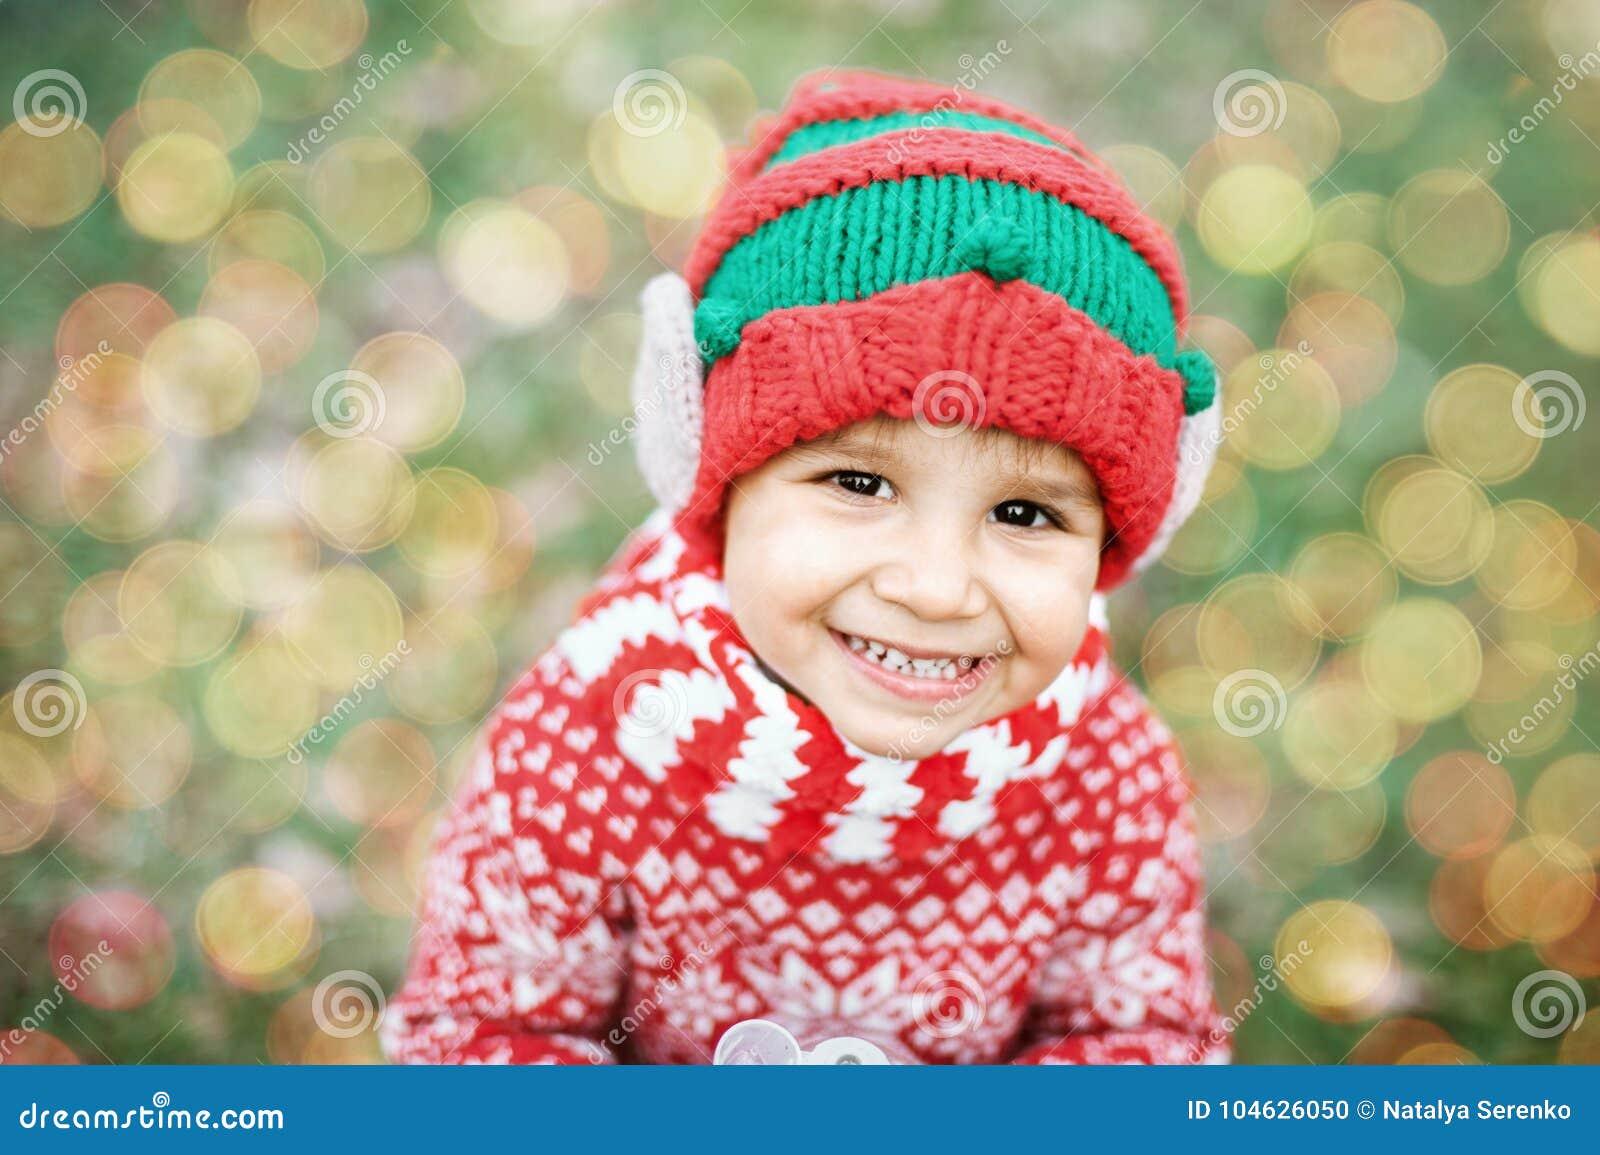 Download Weinig Jongen In Sweater En Hoed Die Op Kerstmis In Het Hout Wachten Stock Foto - Afbeelding bestaande uit heden, grappig: 104626050